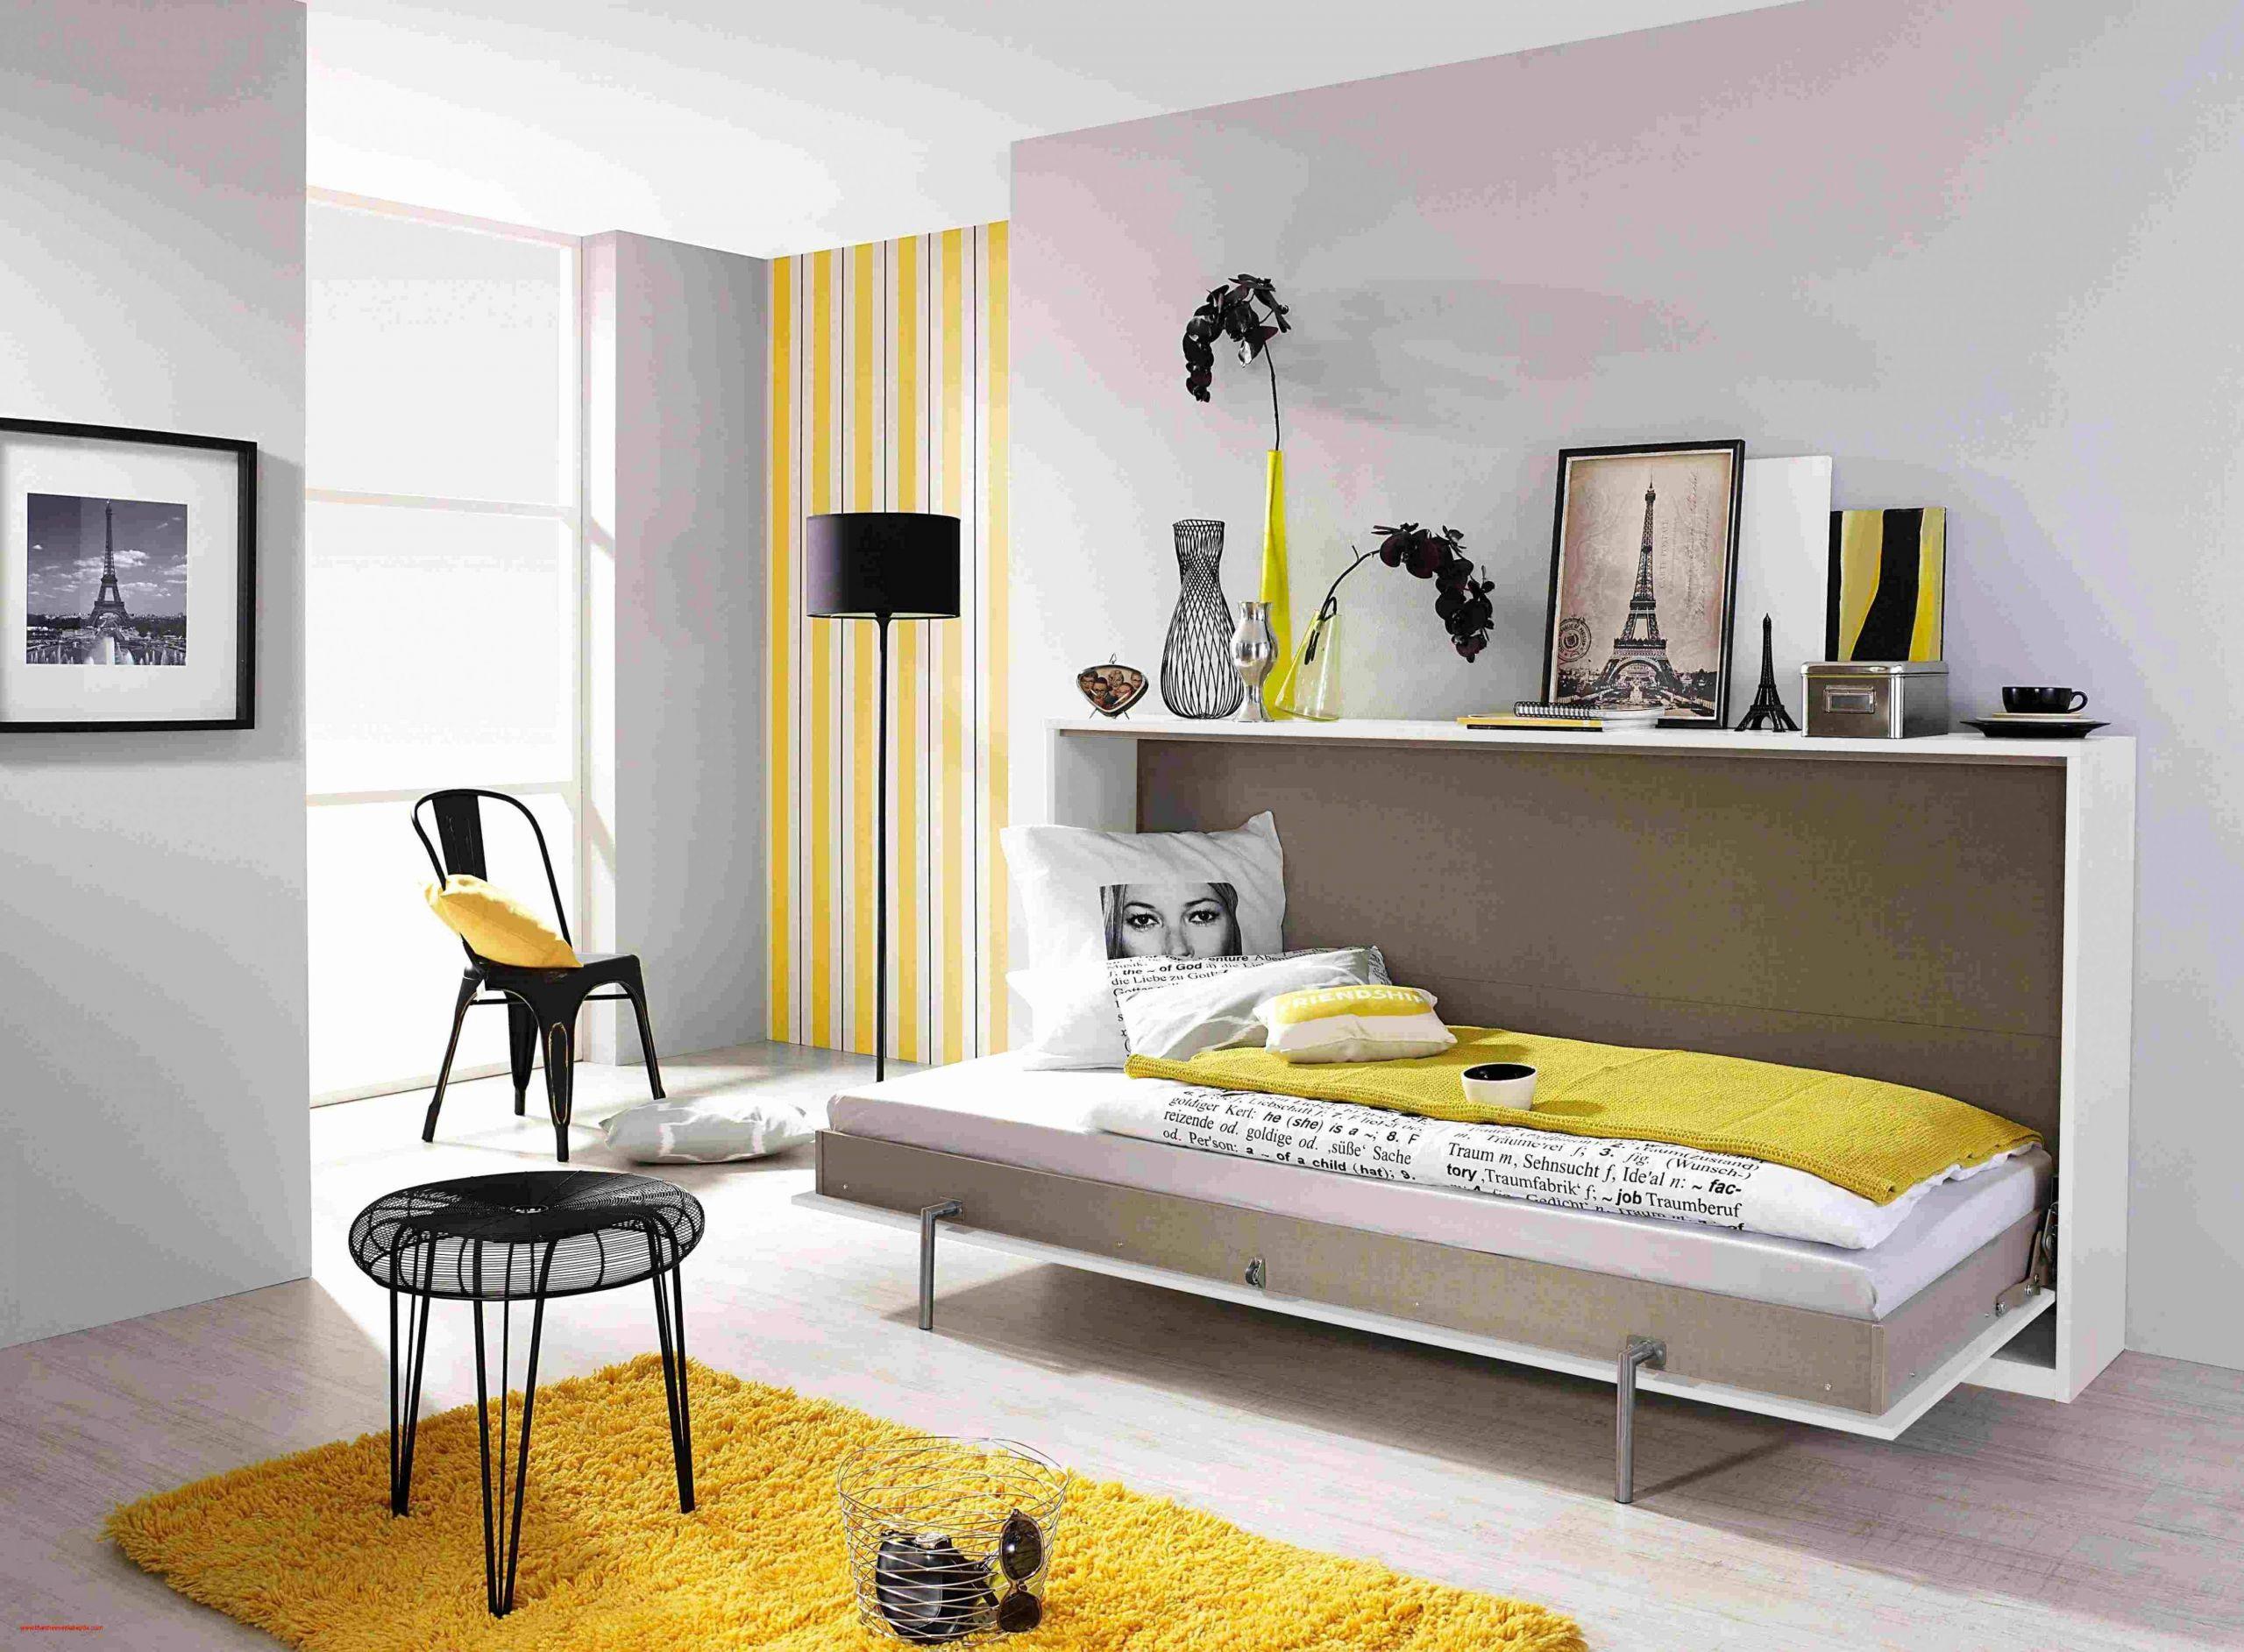 beton ideen fur den garten neu frisch deko fur wohnzimmer ideen ideen of beton ideen fur den garten scaled